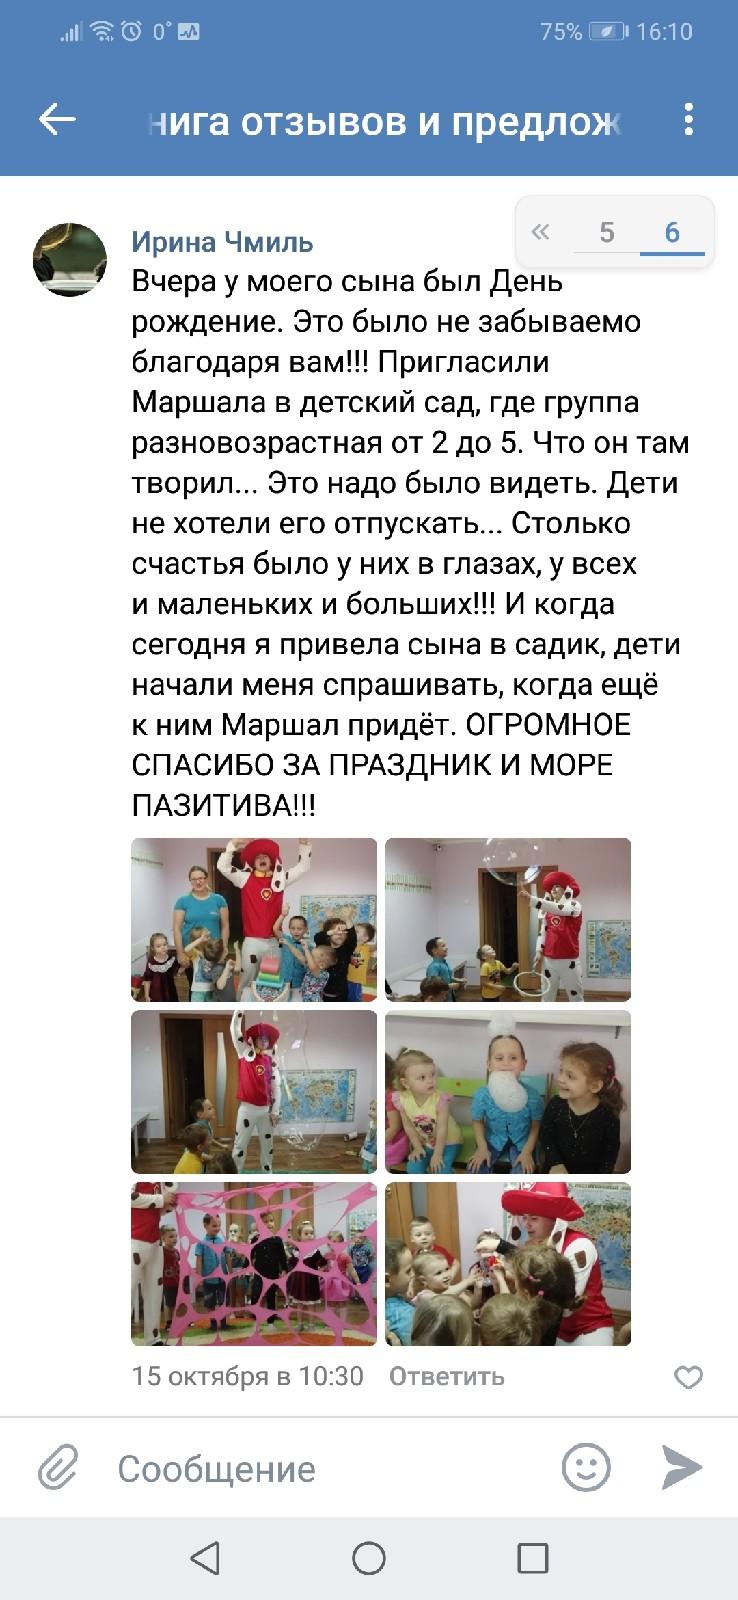 Отзыв об аниматоре в Красноярске